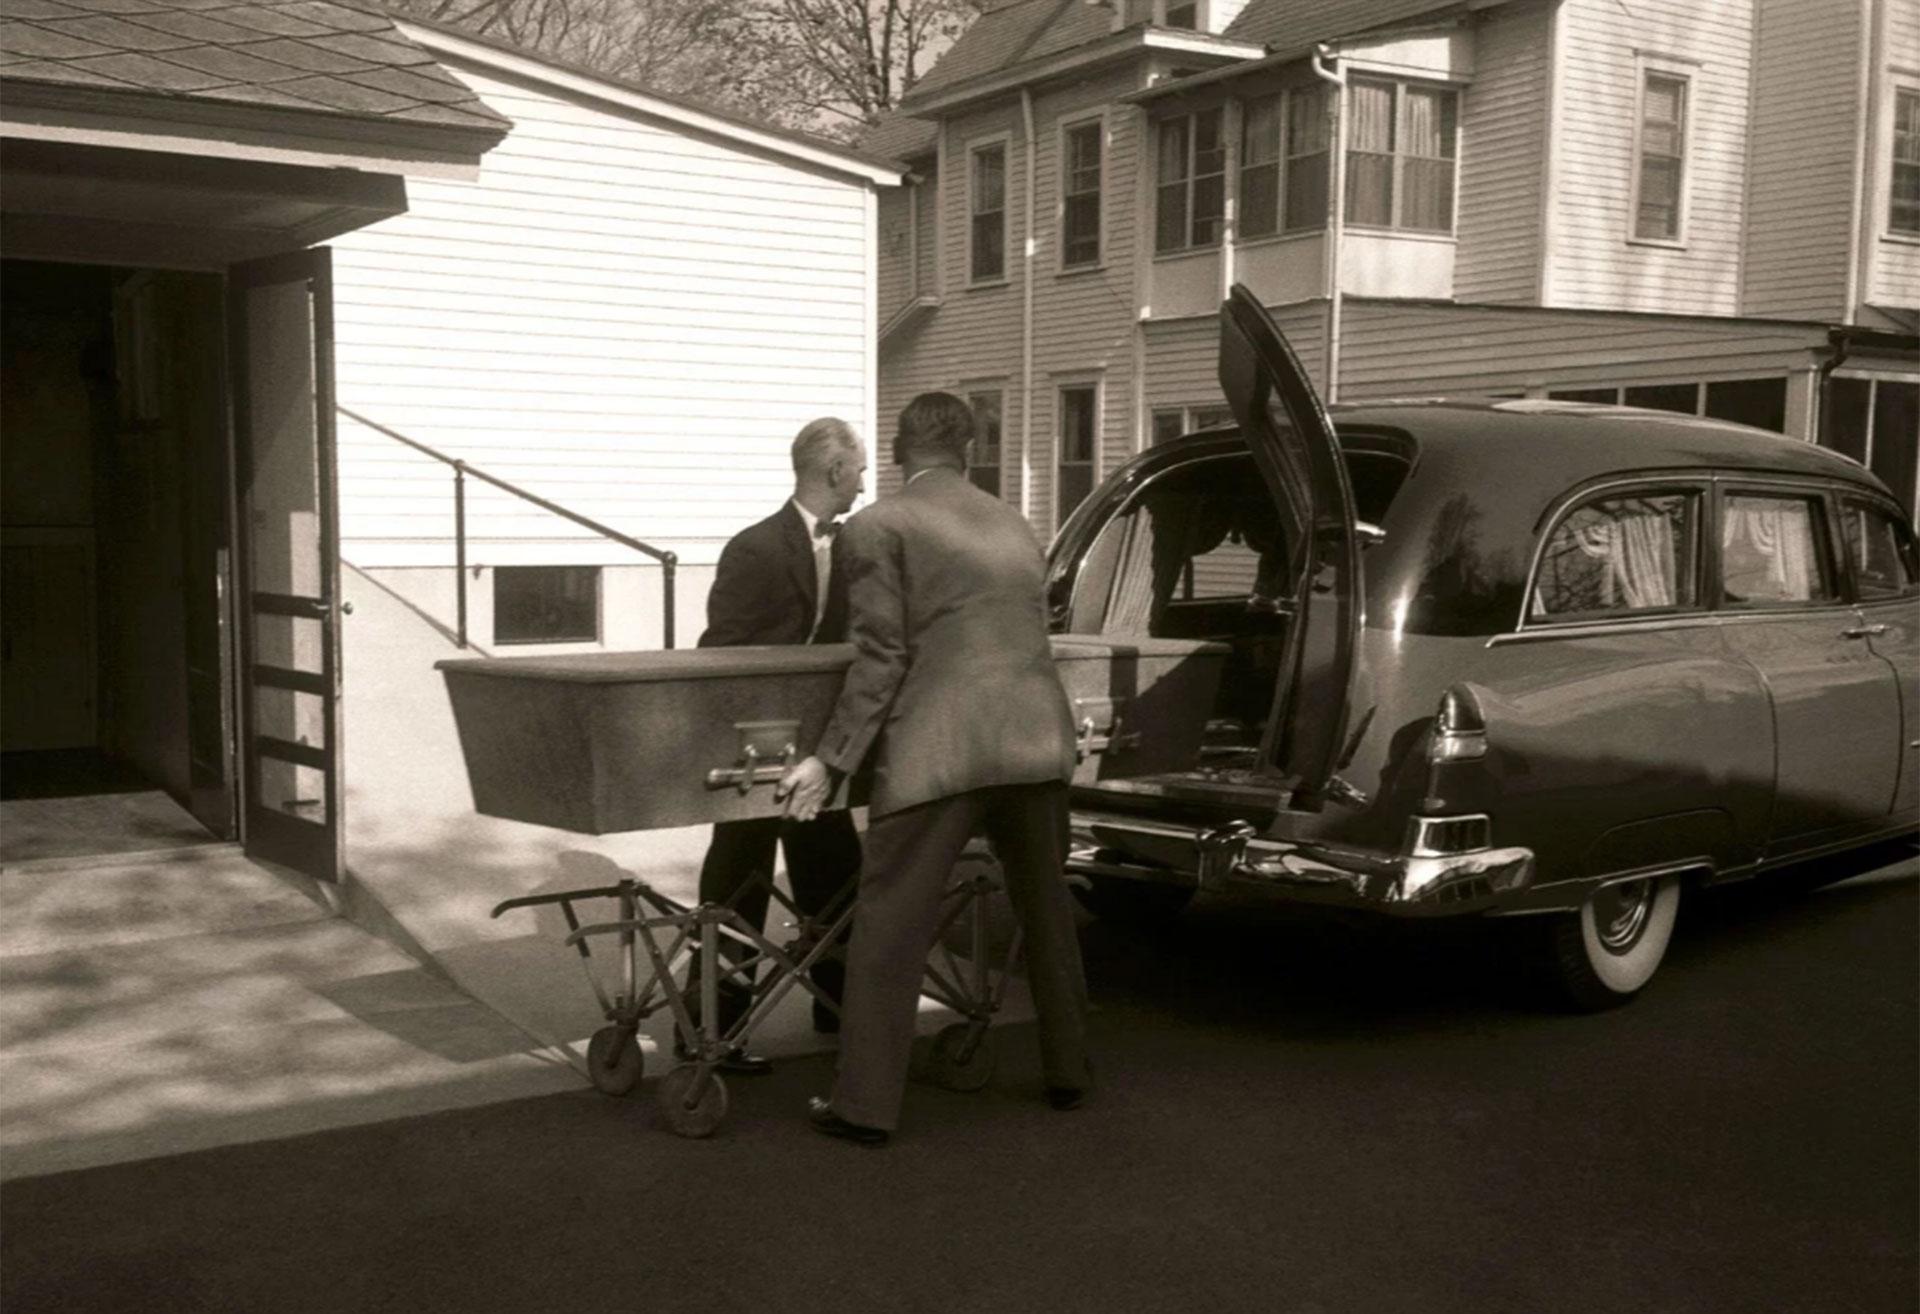 El sencillo ataúd con los restos de Albert Einstein es trasladado de una casa funeraria al crematorio de Princeton (Ralph Morse – Life Magazine – Getty)